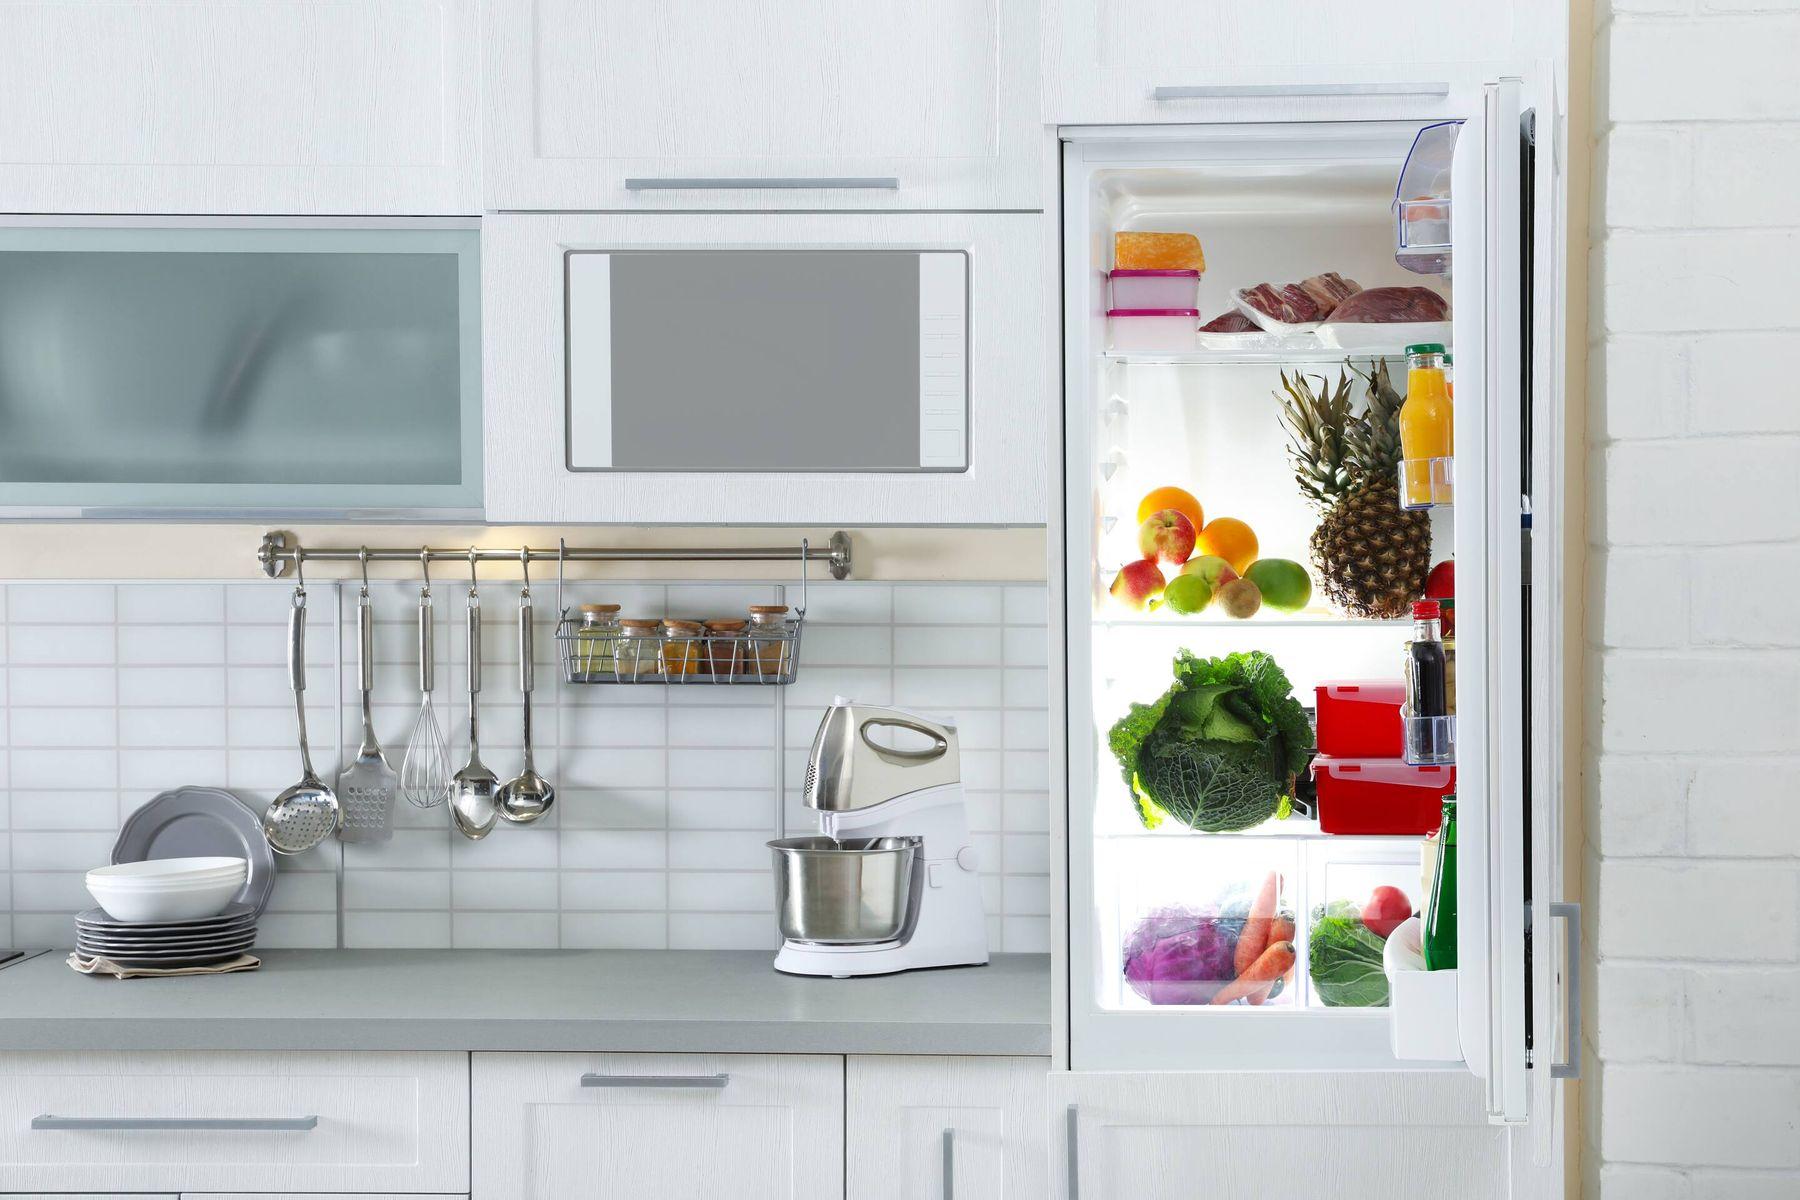 Langkah sederhana untuk menghilangkan bau kulkas